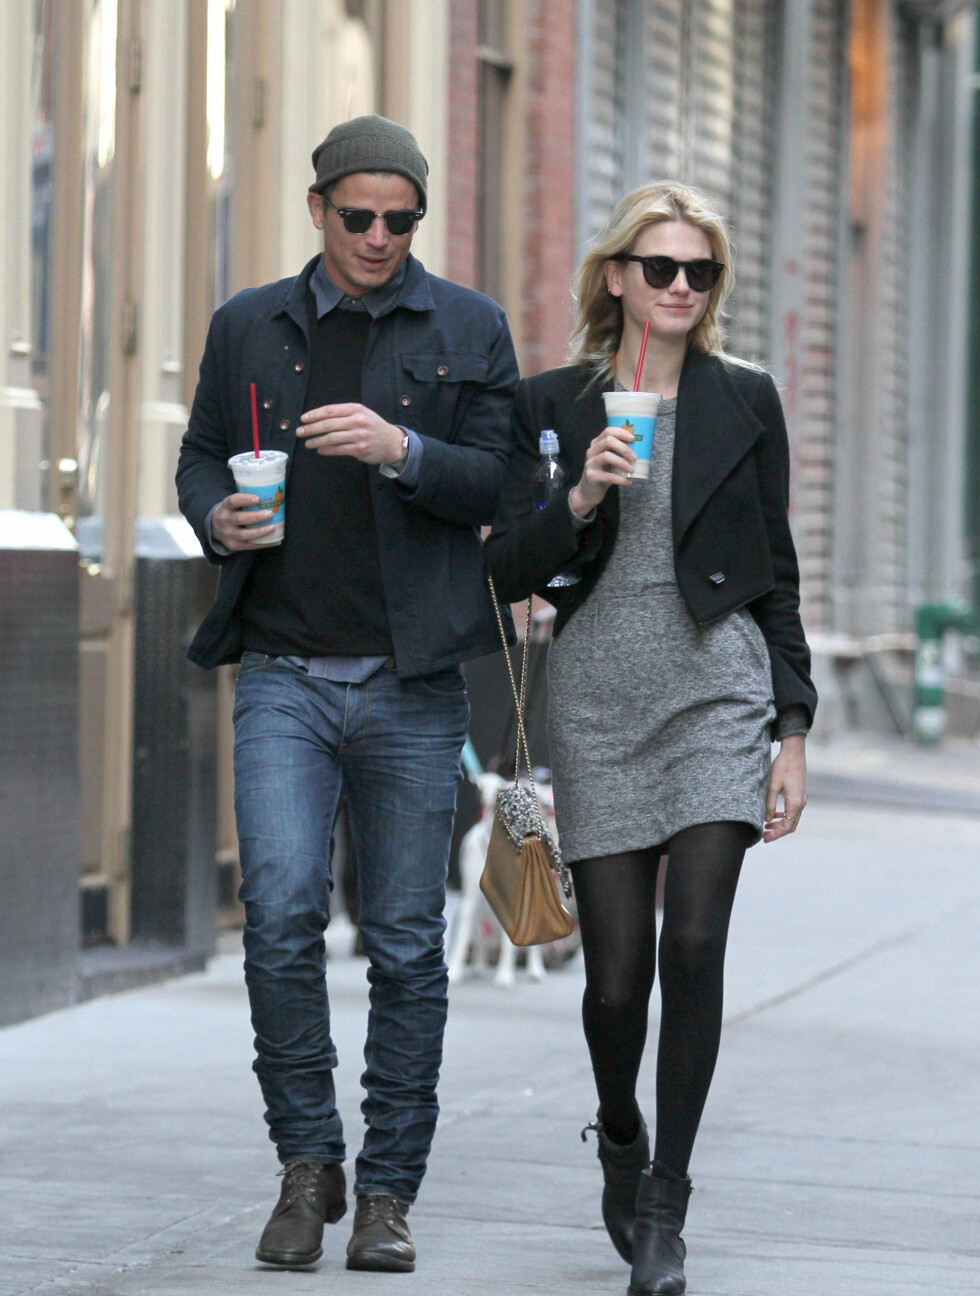 IT-PAR: Sophia Lie og Josh Hartnett så ut som et hvilket som helst annet par da de spankulerte rundt i New York. Eller... gjorde de egentlig det? Foto: Stella Pictures